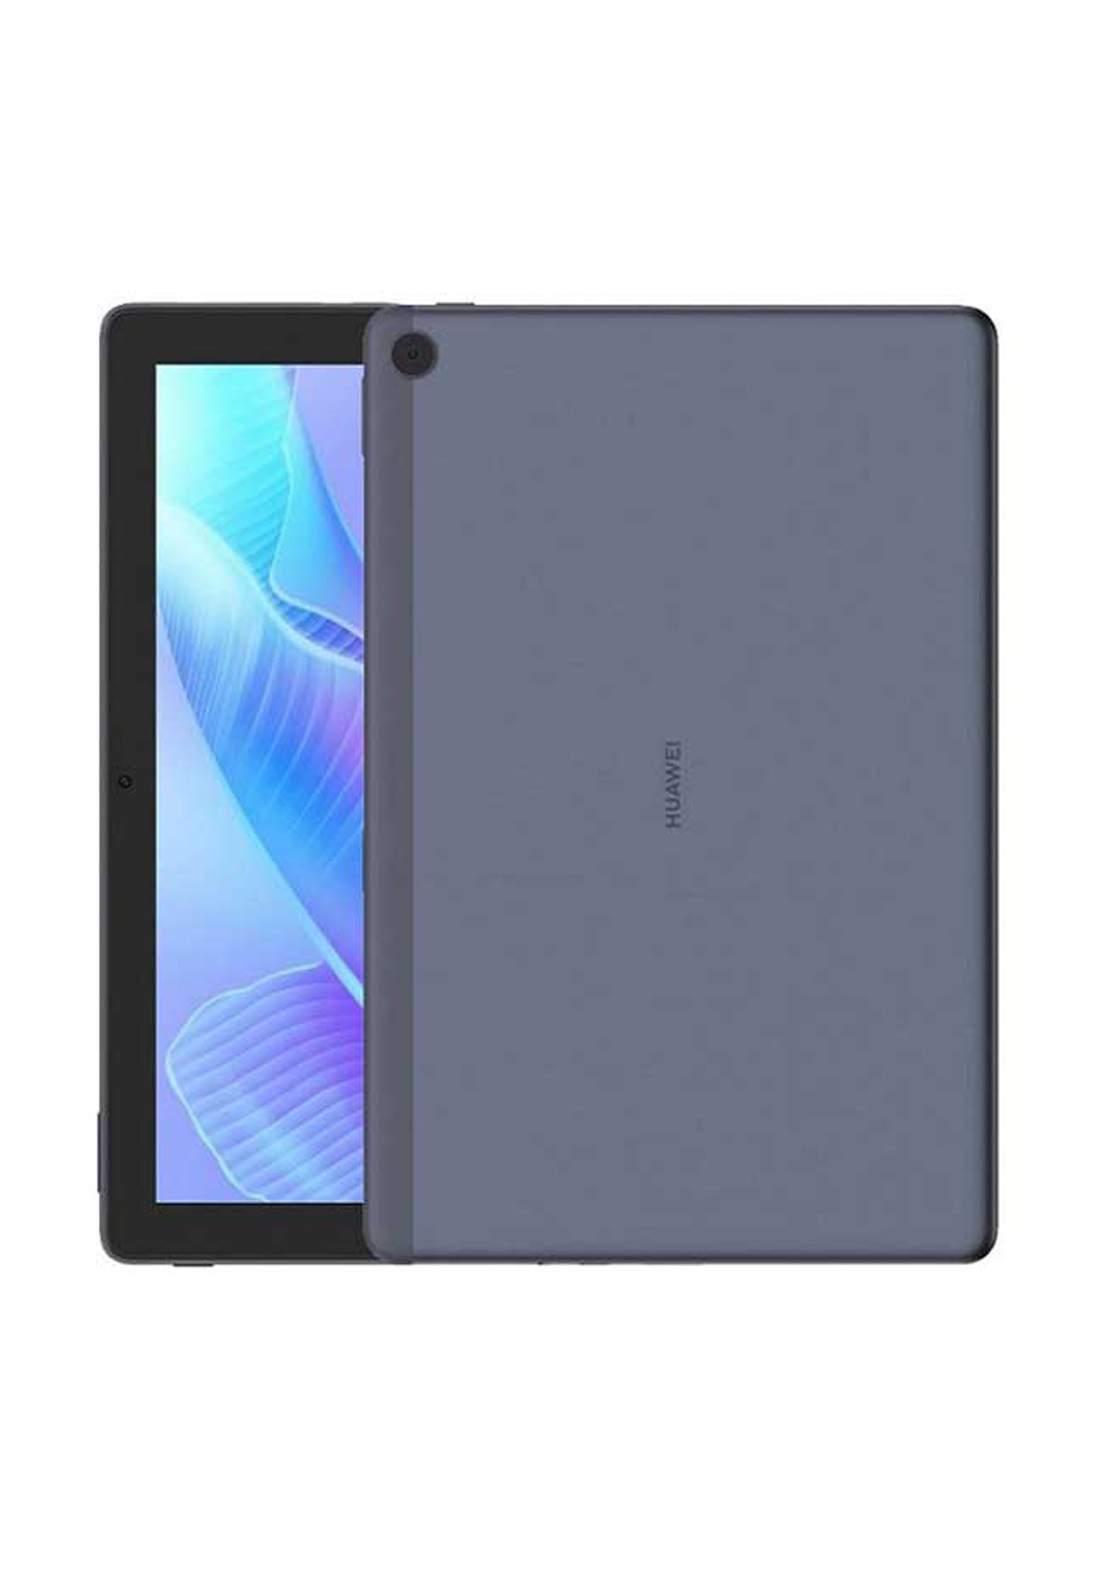 HUAWEI MatePad T10 Dual SIM 2GB RAM 16GB - Navy